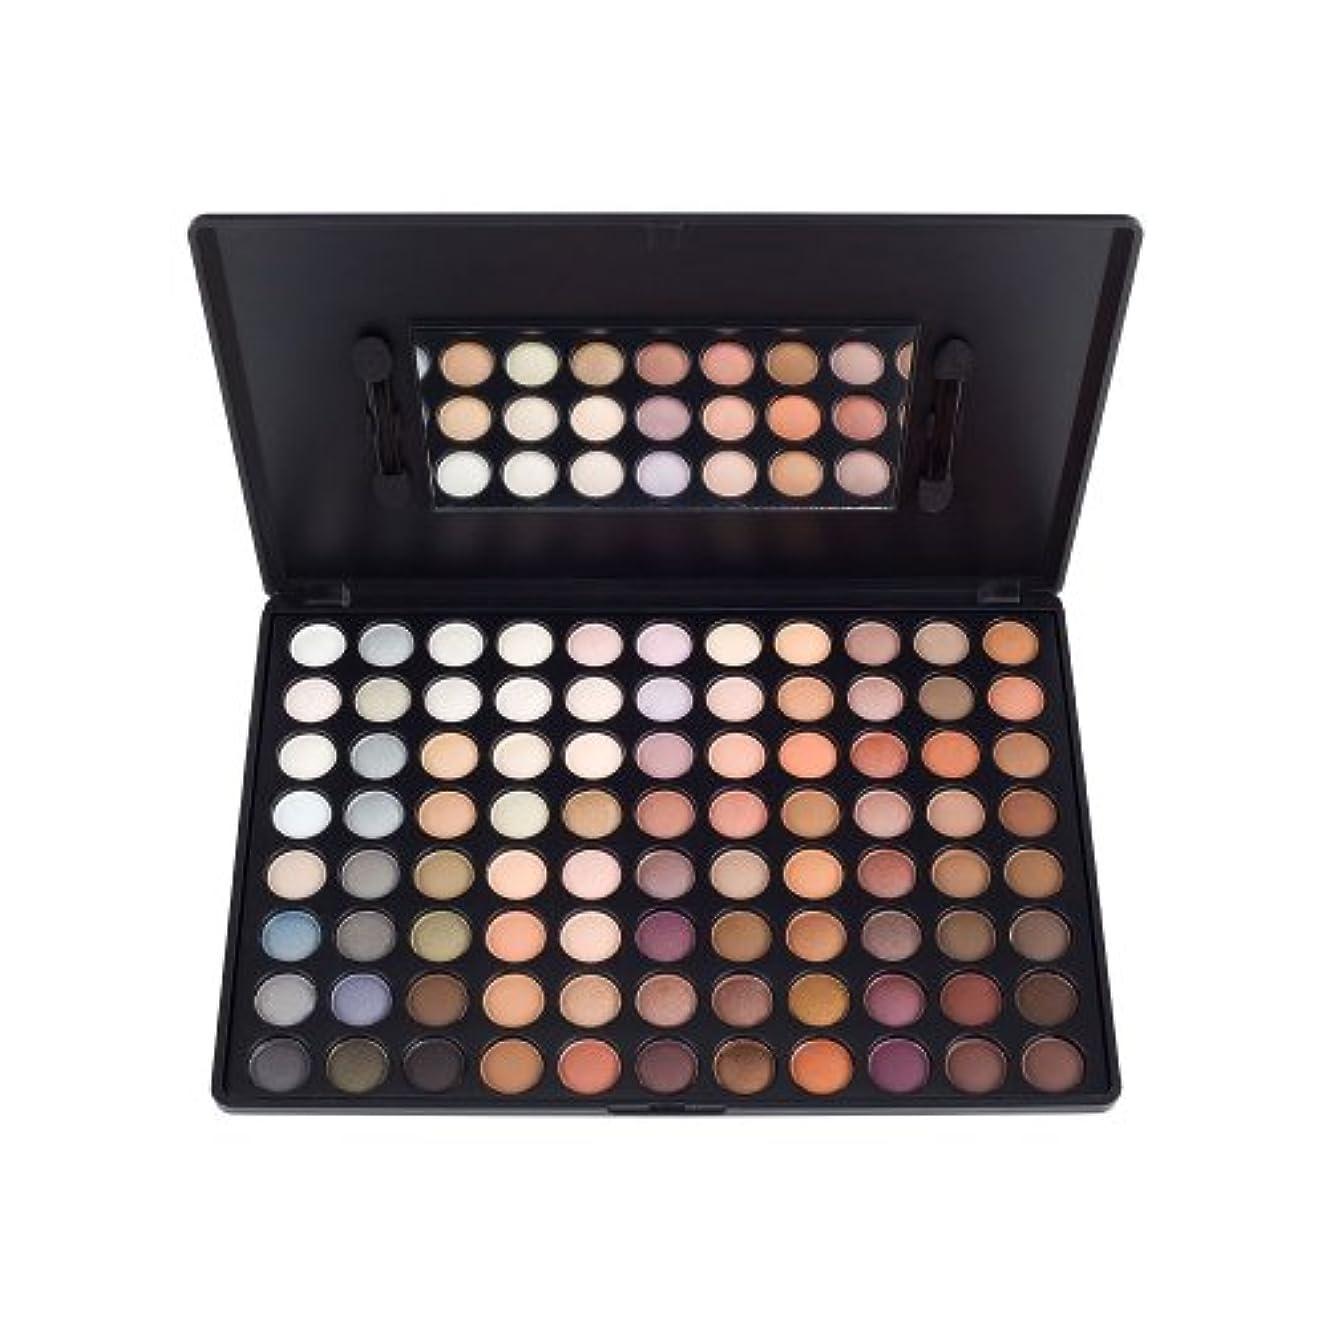 離す経済的コードレスコースタルセンツ アイシャドウパレット 88色【ウォーム】Coastal Scents 88 Colour Eyeshadow Palette 【Warm】【CS-PL-014】